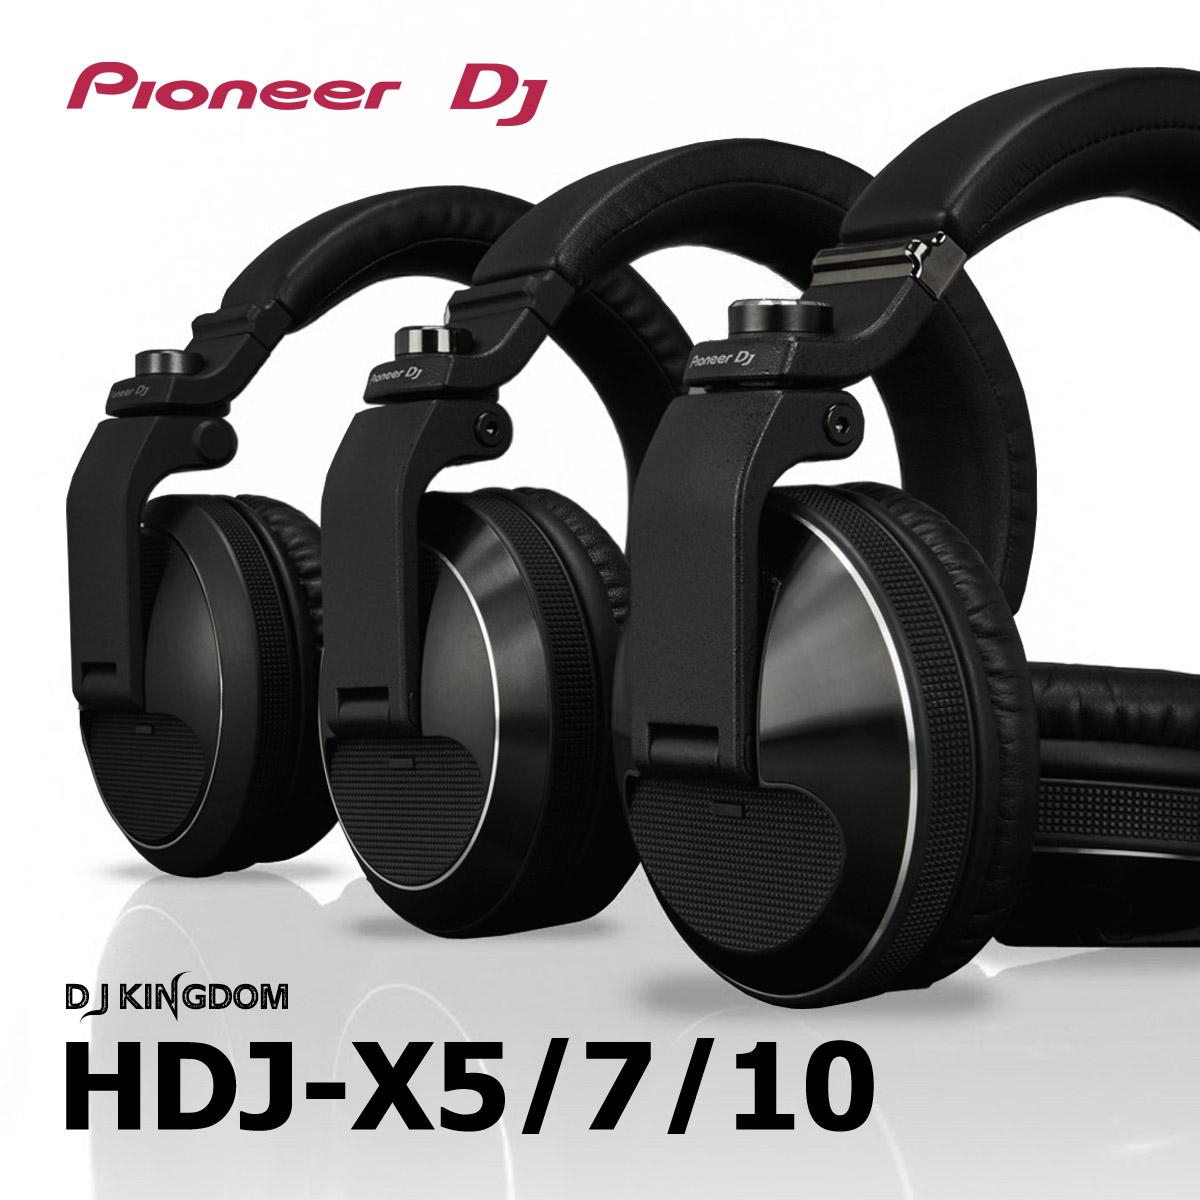 先锋dj监听耳机